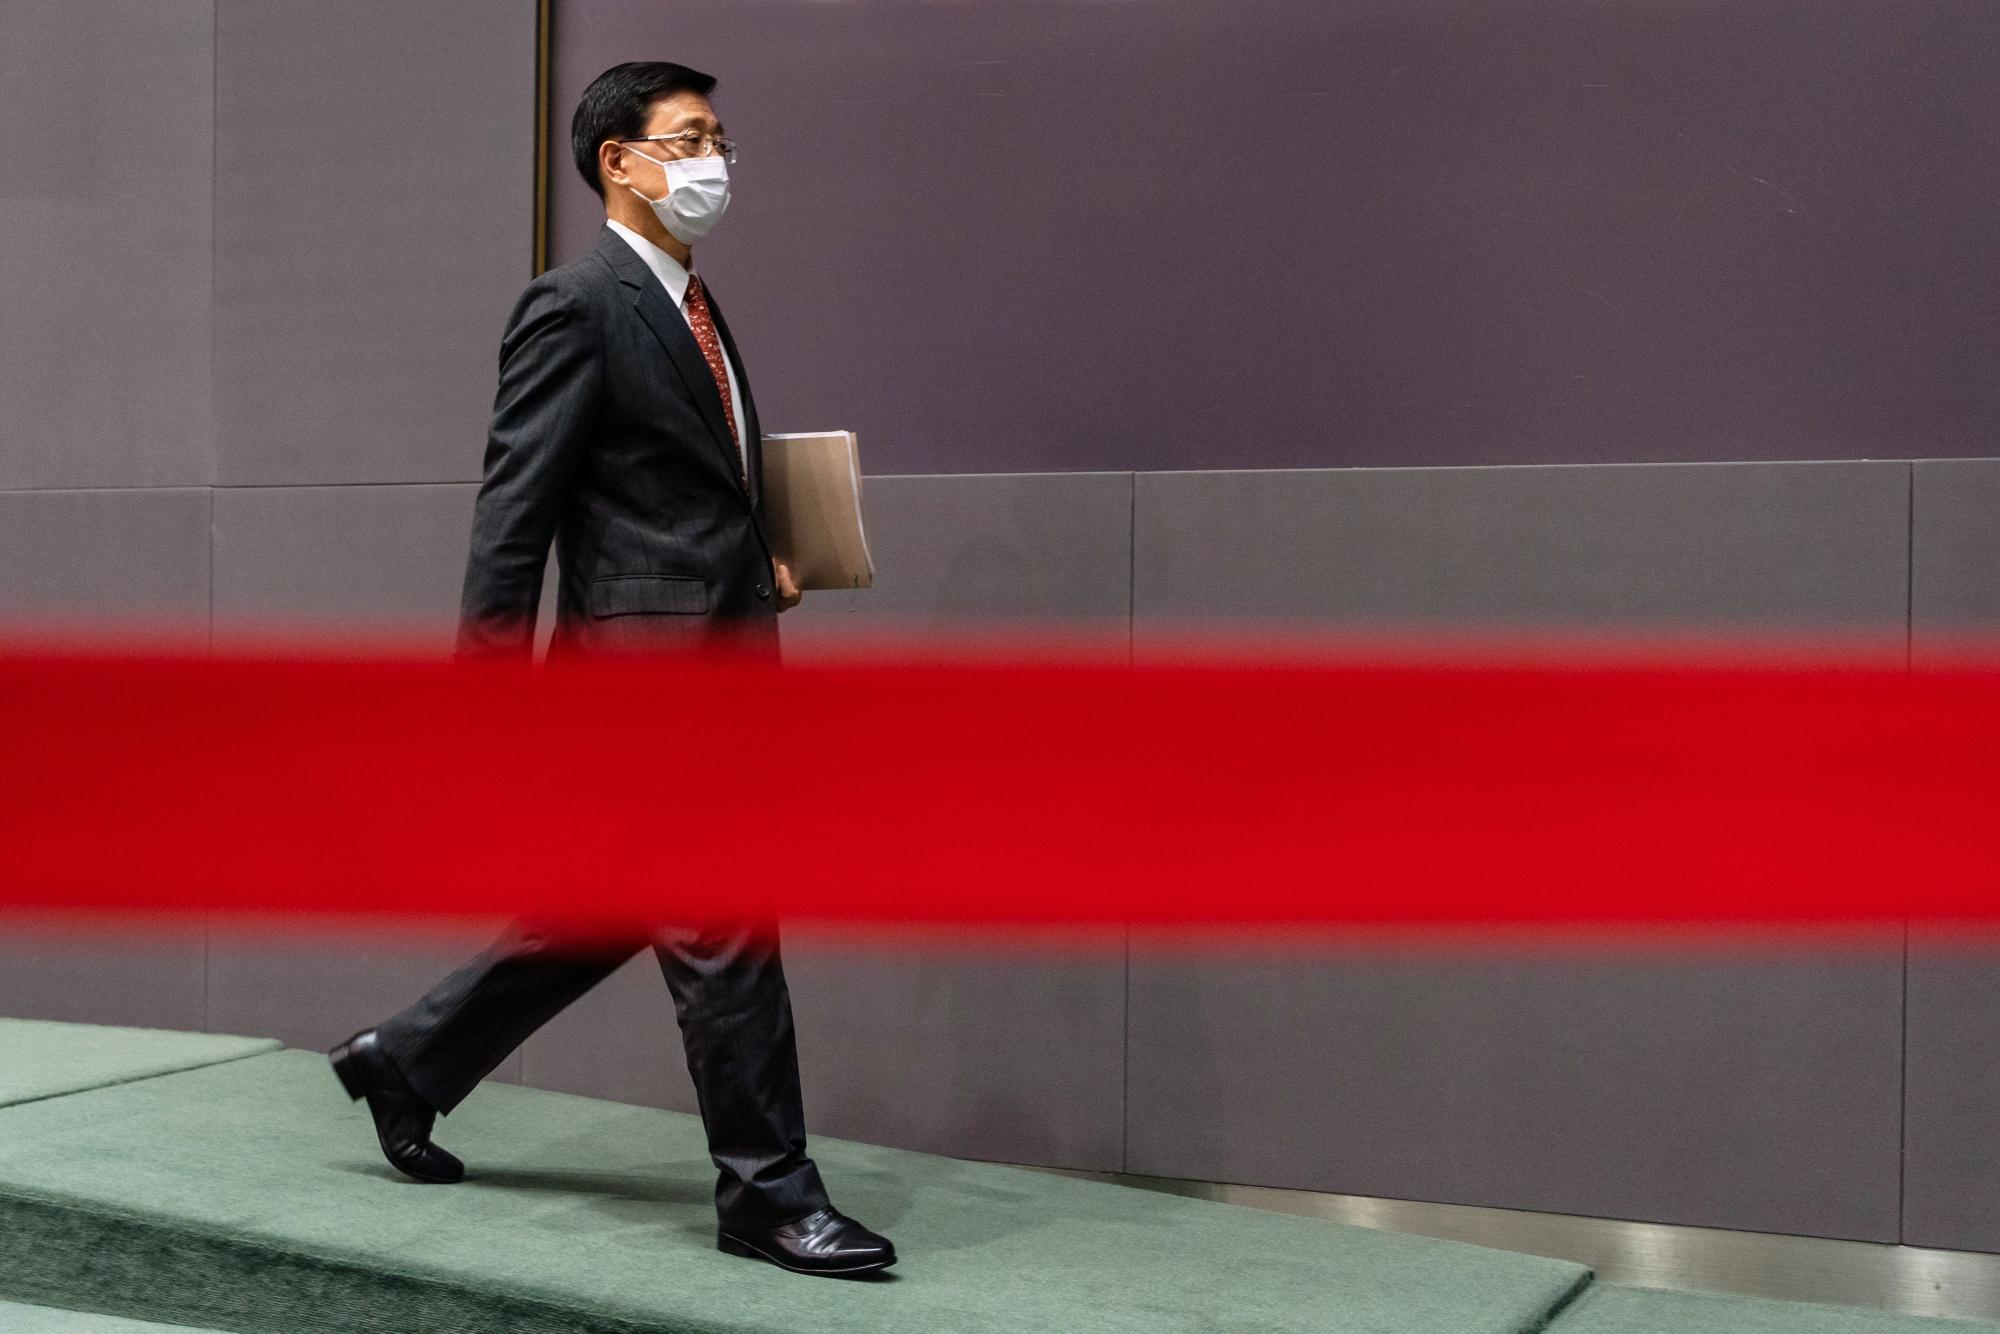 香港政府ナンバー2に民主派取り締まり指揮の李家超氏-中国が決定